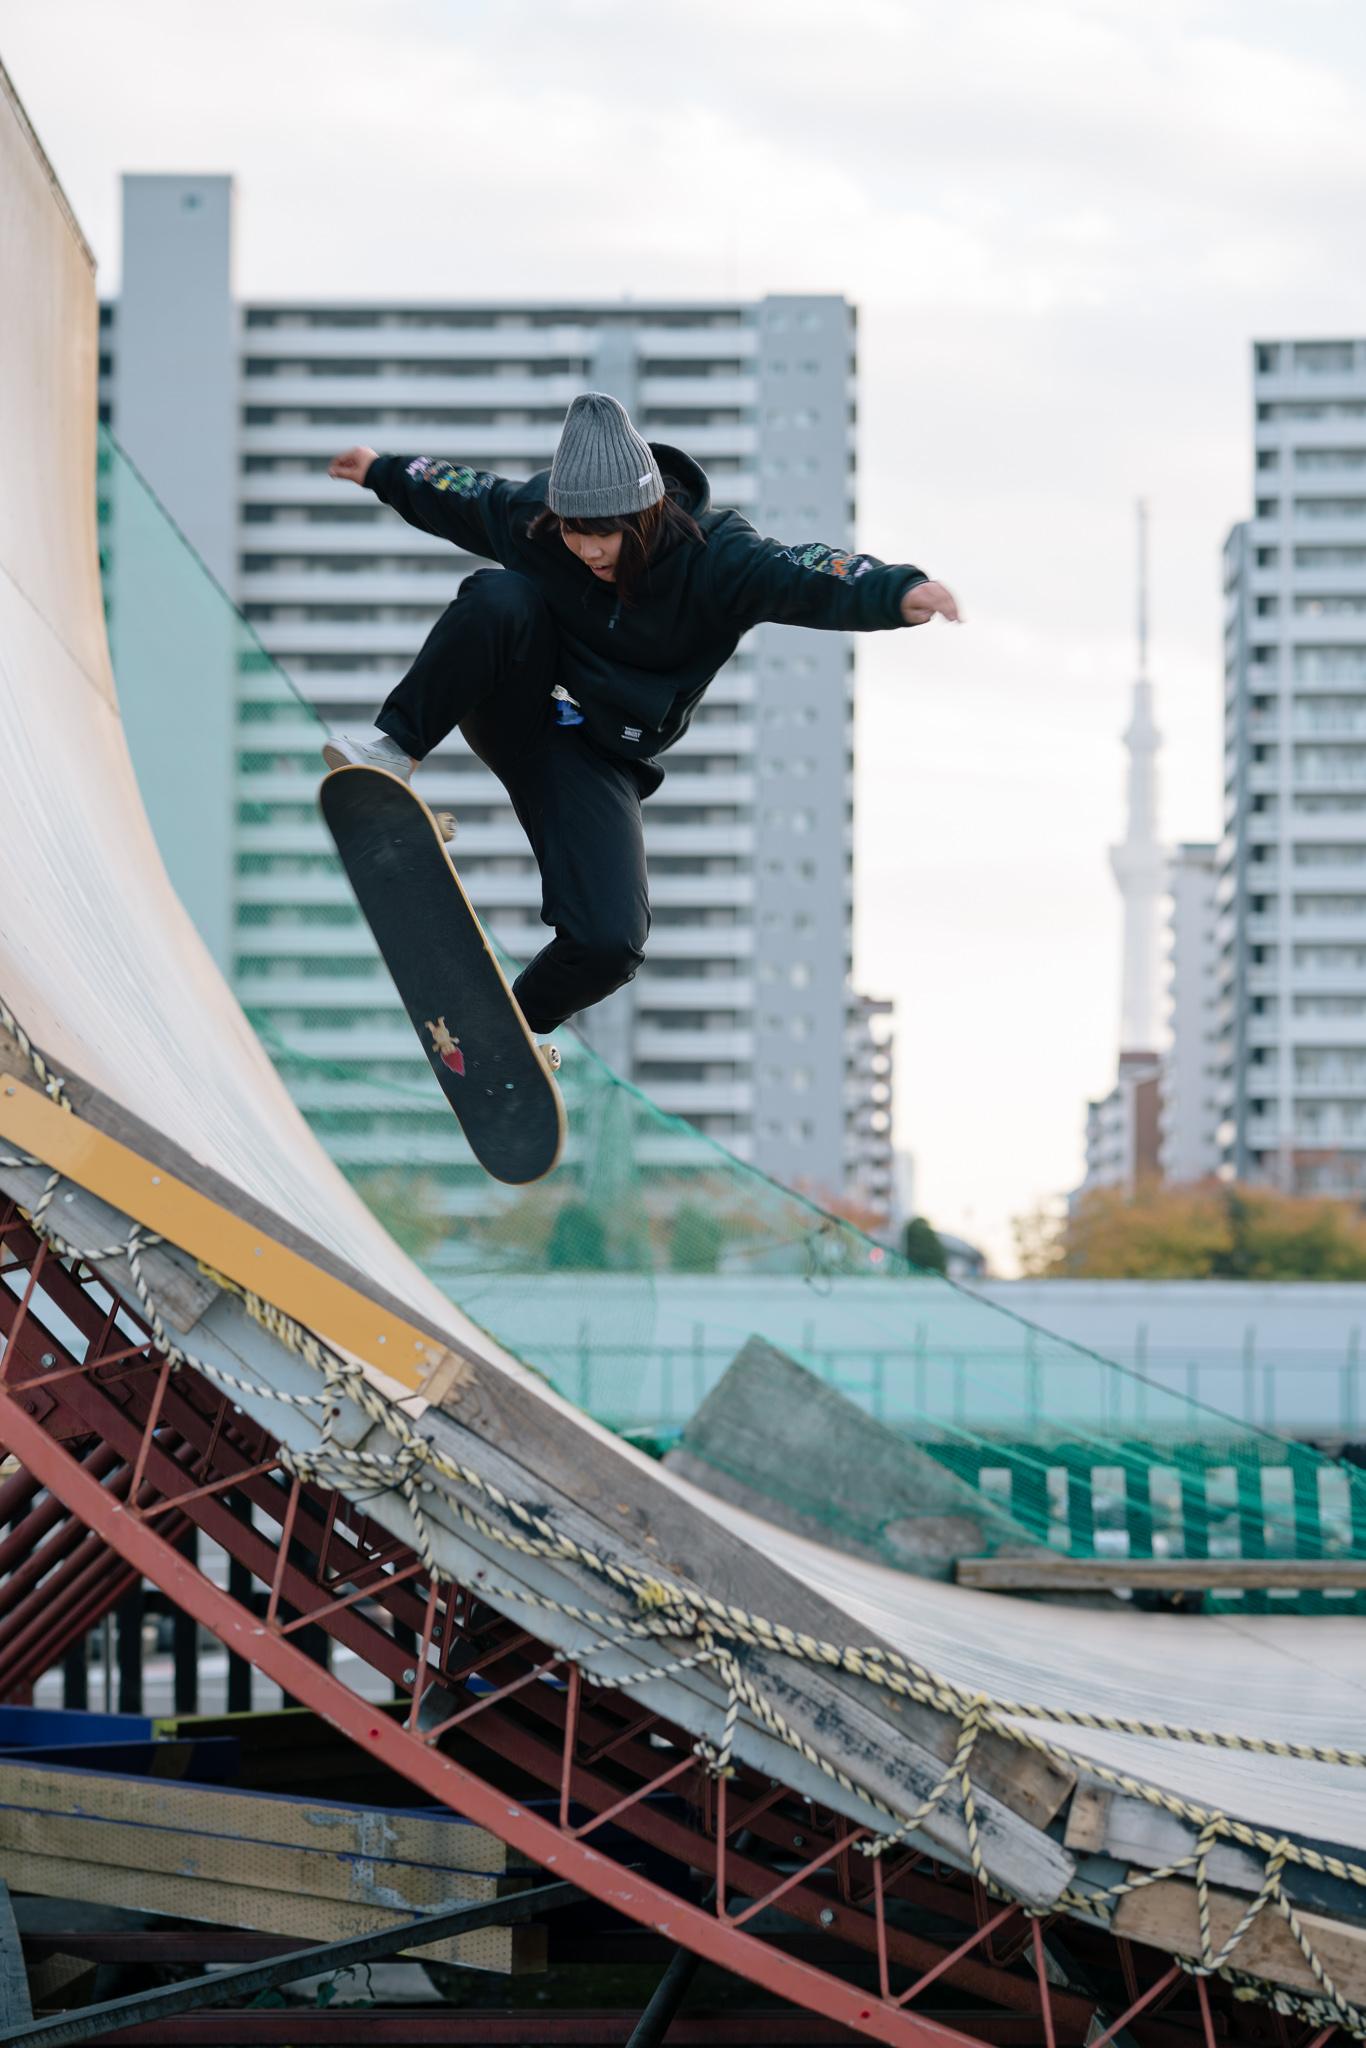 Skate Exchange2_Japan 2018_hannah bailey000000031.jpg